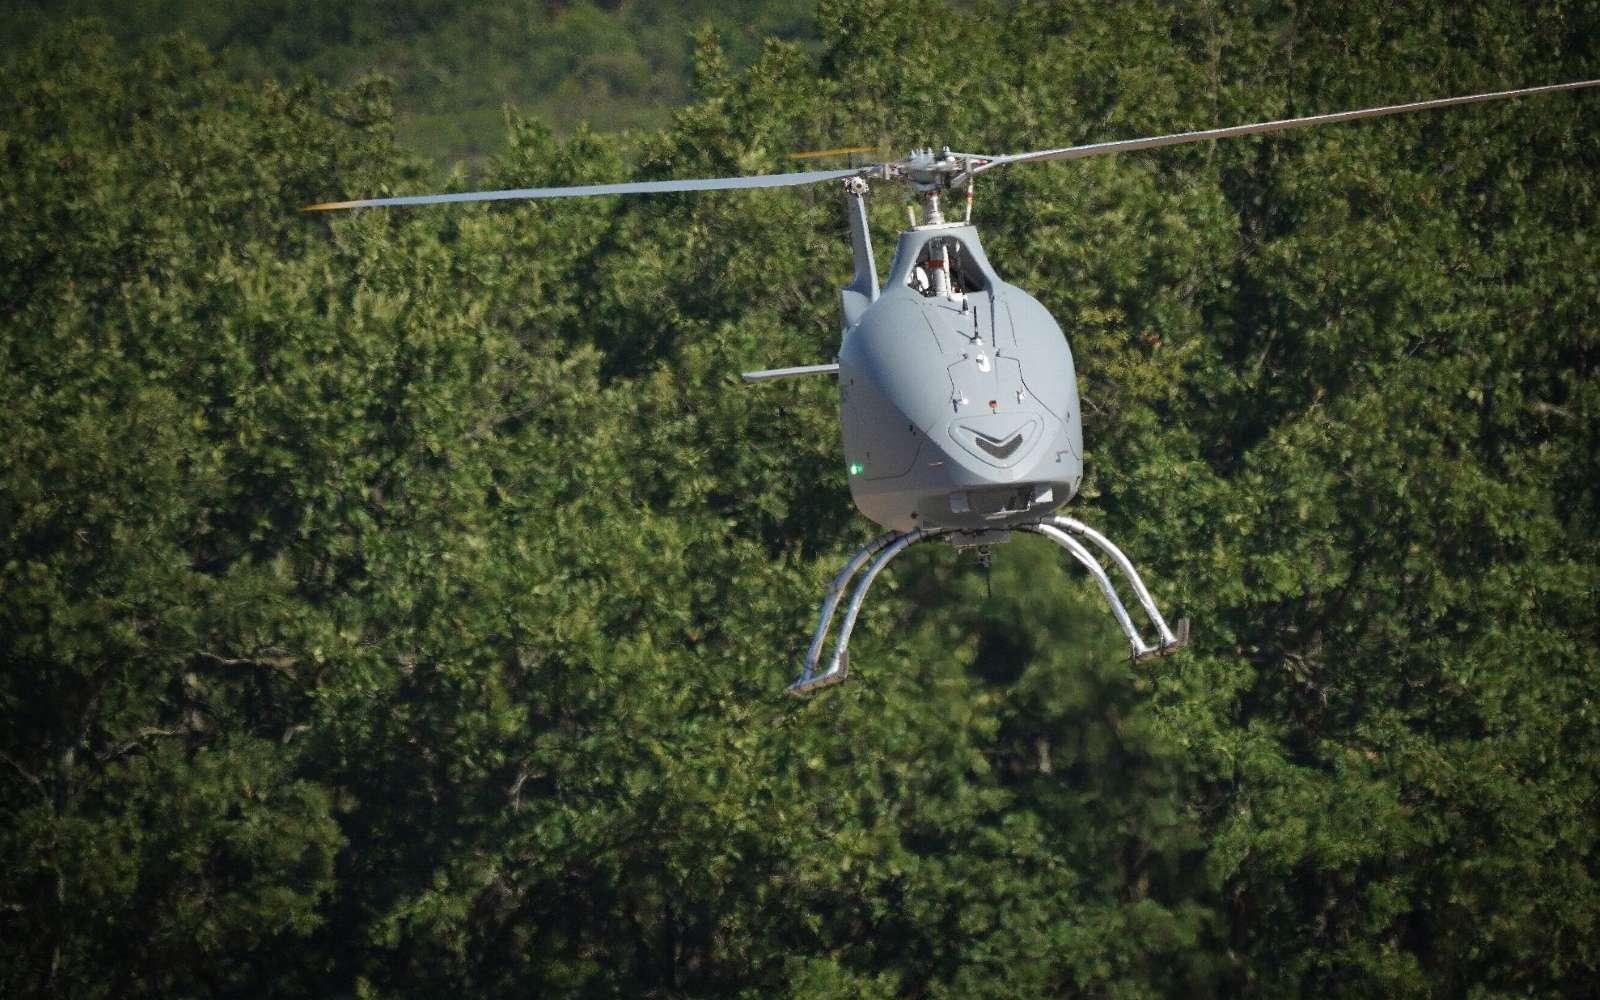 Basé sur un hélicoptère biplace populaire, le drone VSR700 devrait équiper la Marine nationale dans les prochaines années. © Airbus